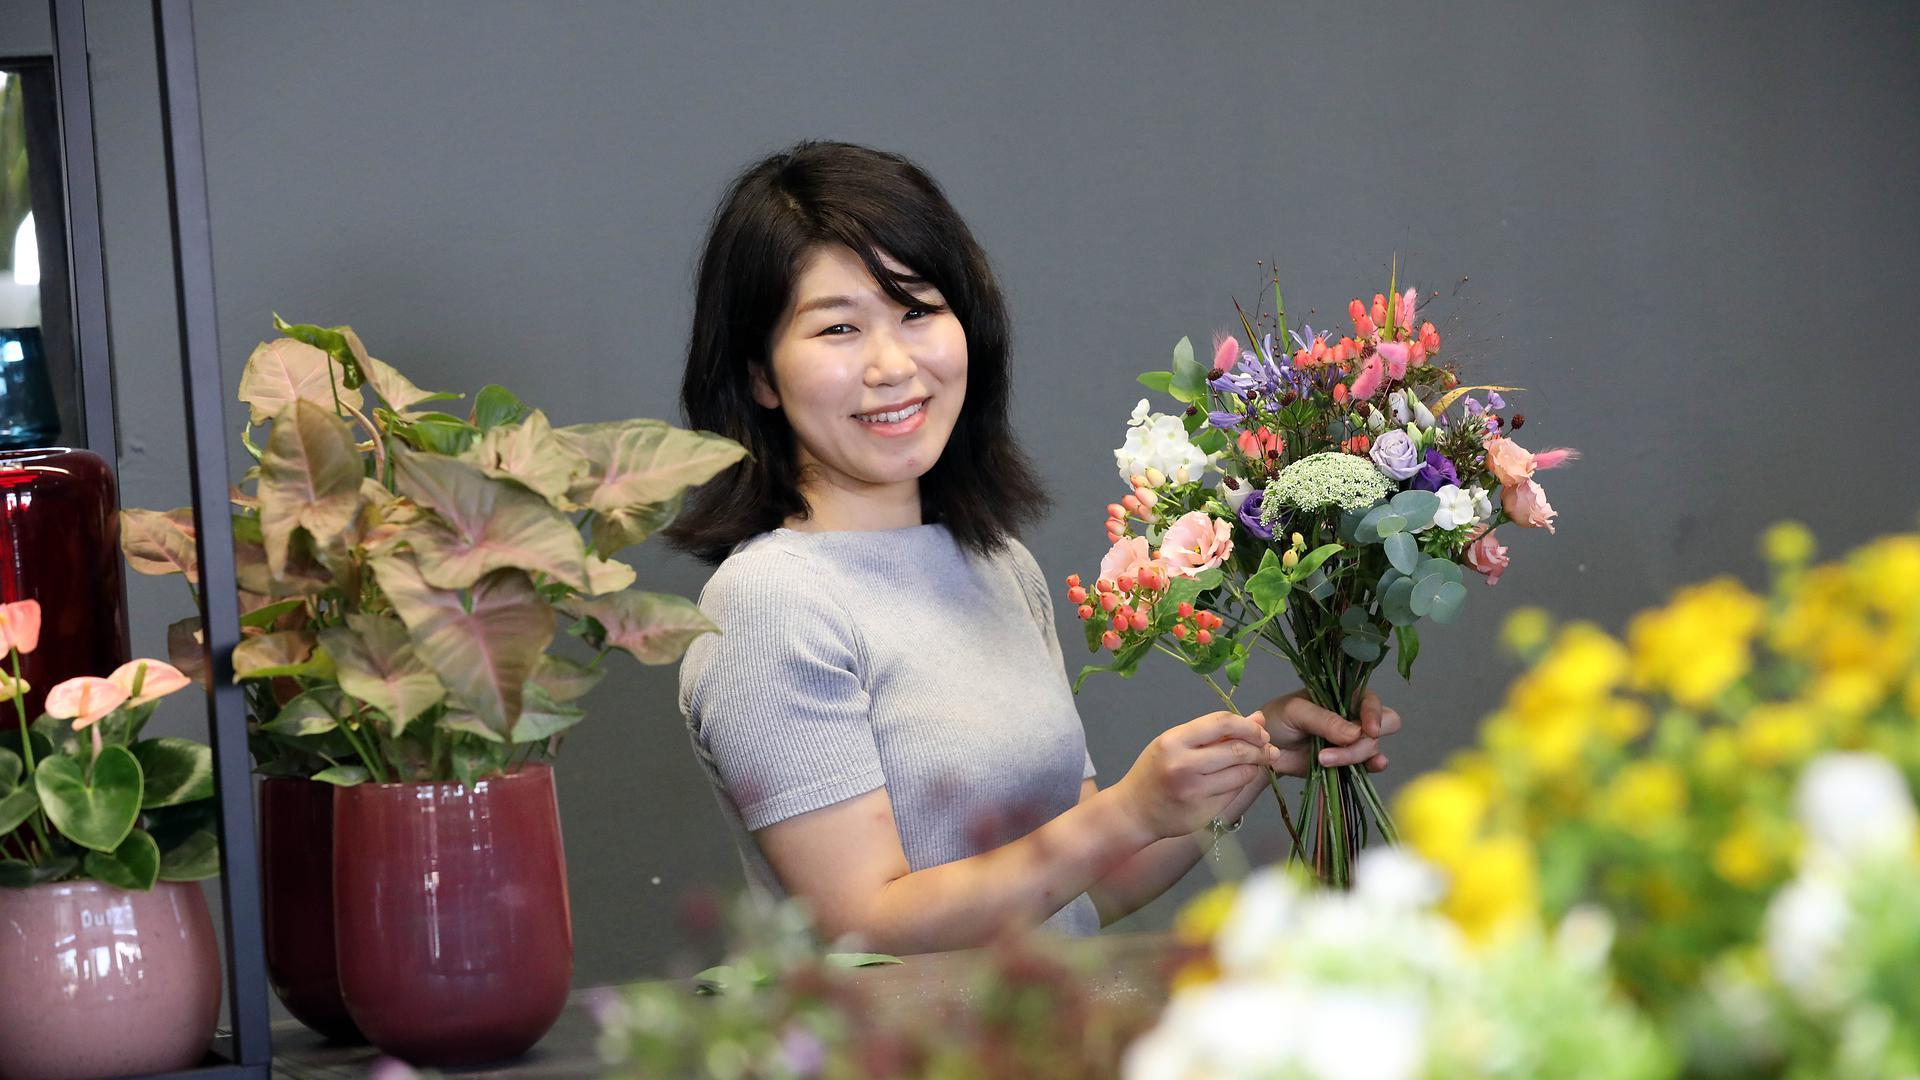 Haruka Maekawa bindet einen Strauß Blumen und achtet akribisch darauf, dass alle Farben zur Geltung kommen.